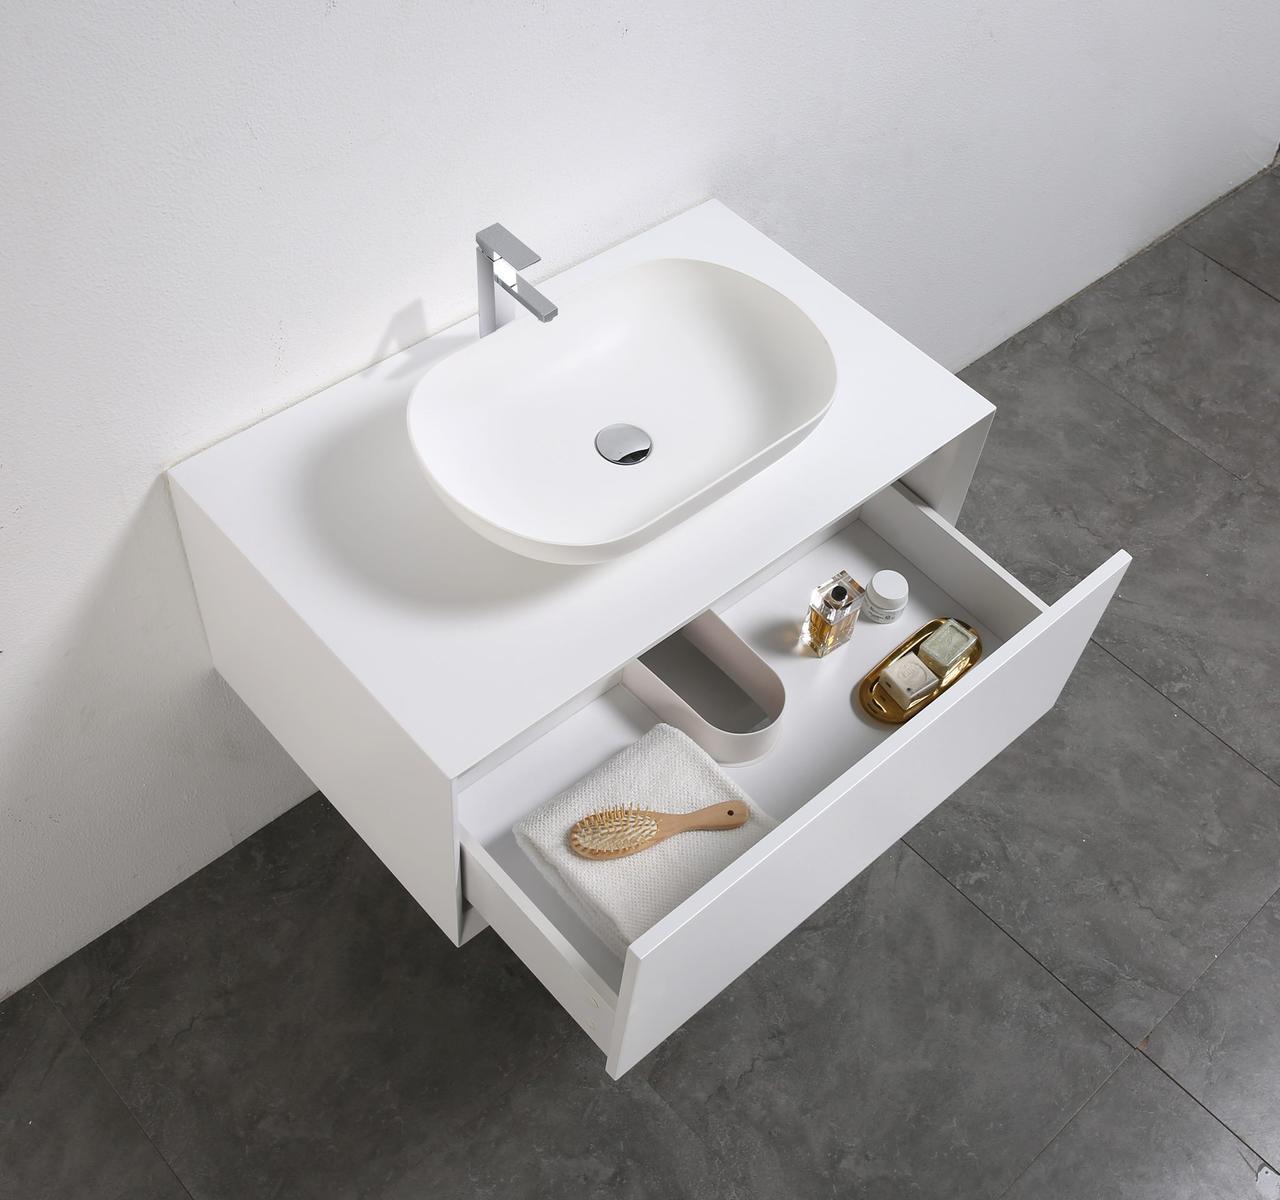 Awesome Meuble Salle De Bain Design Gallery Amazing Design Ideas